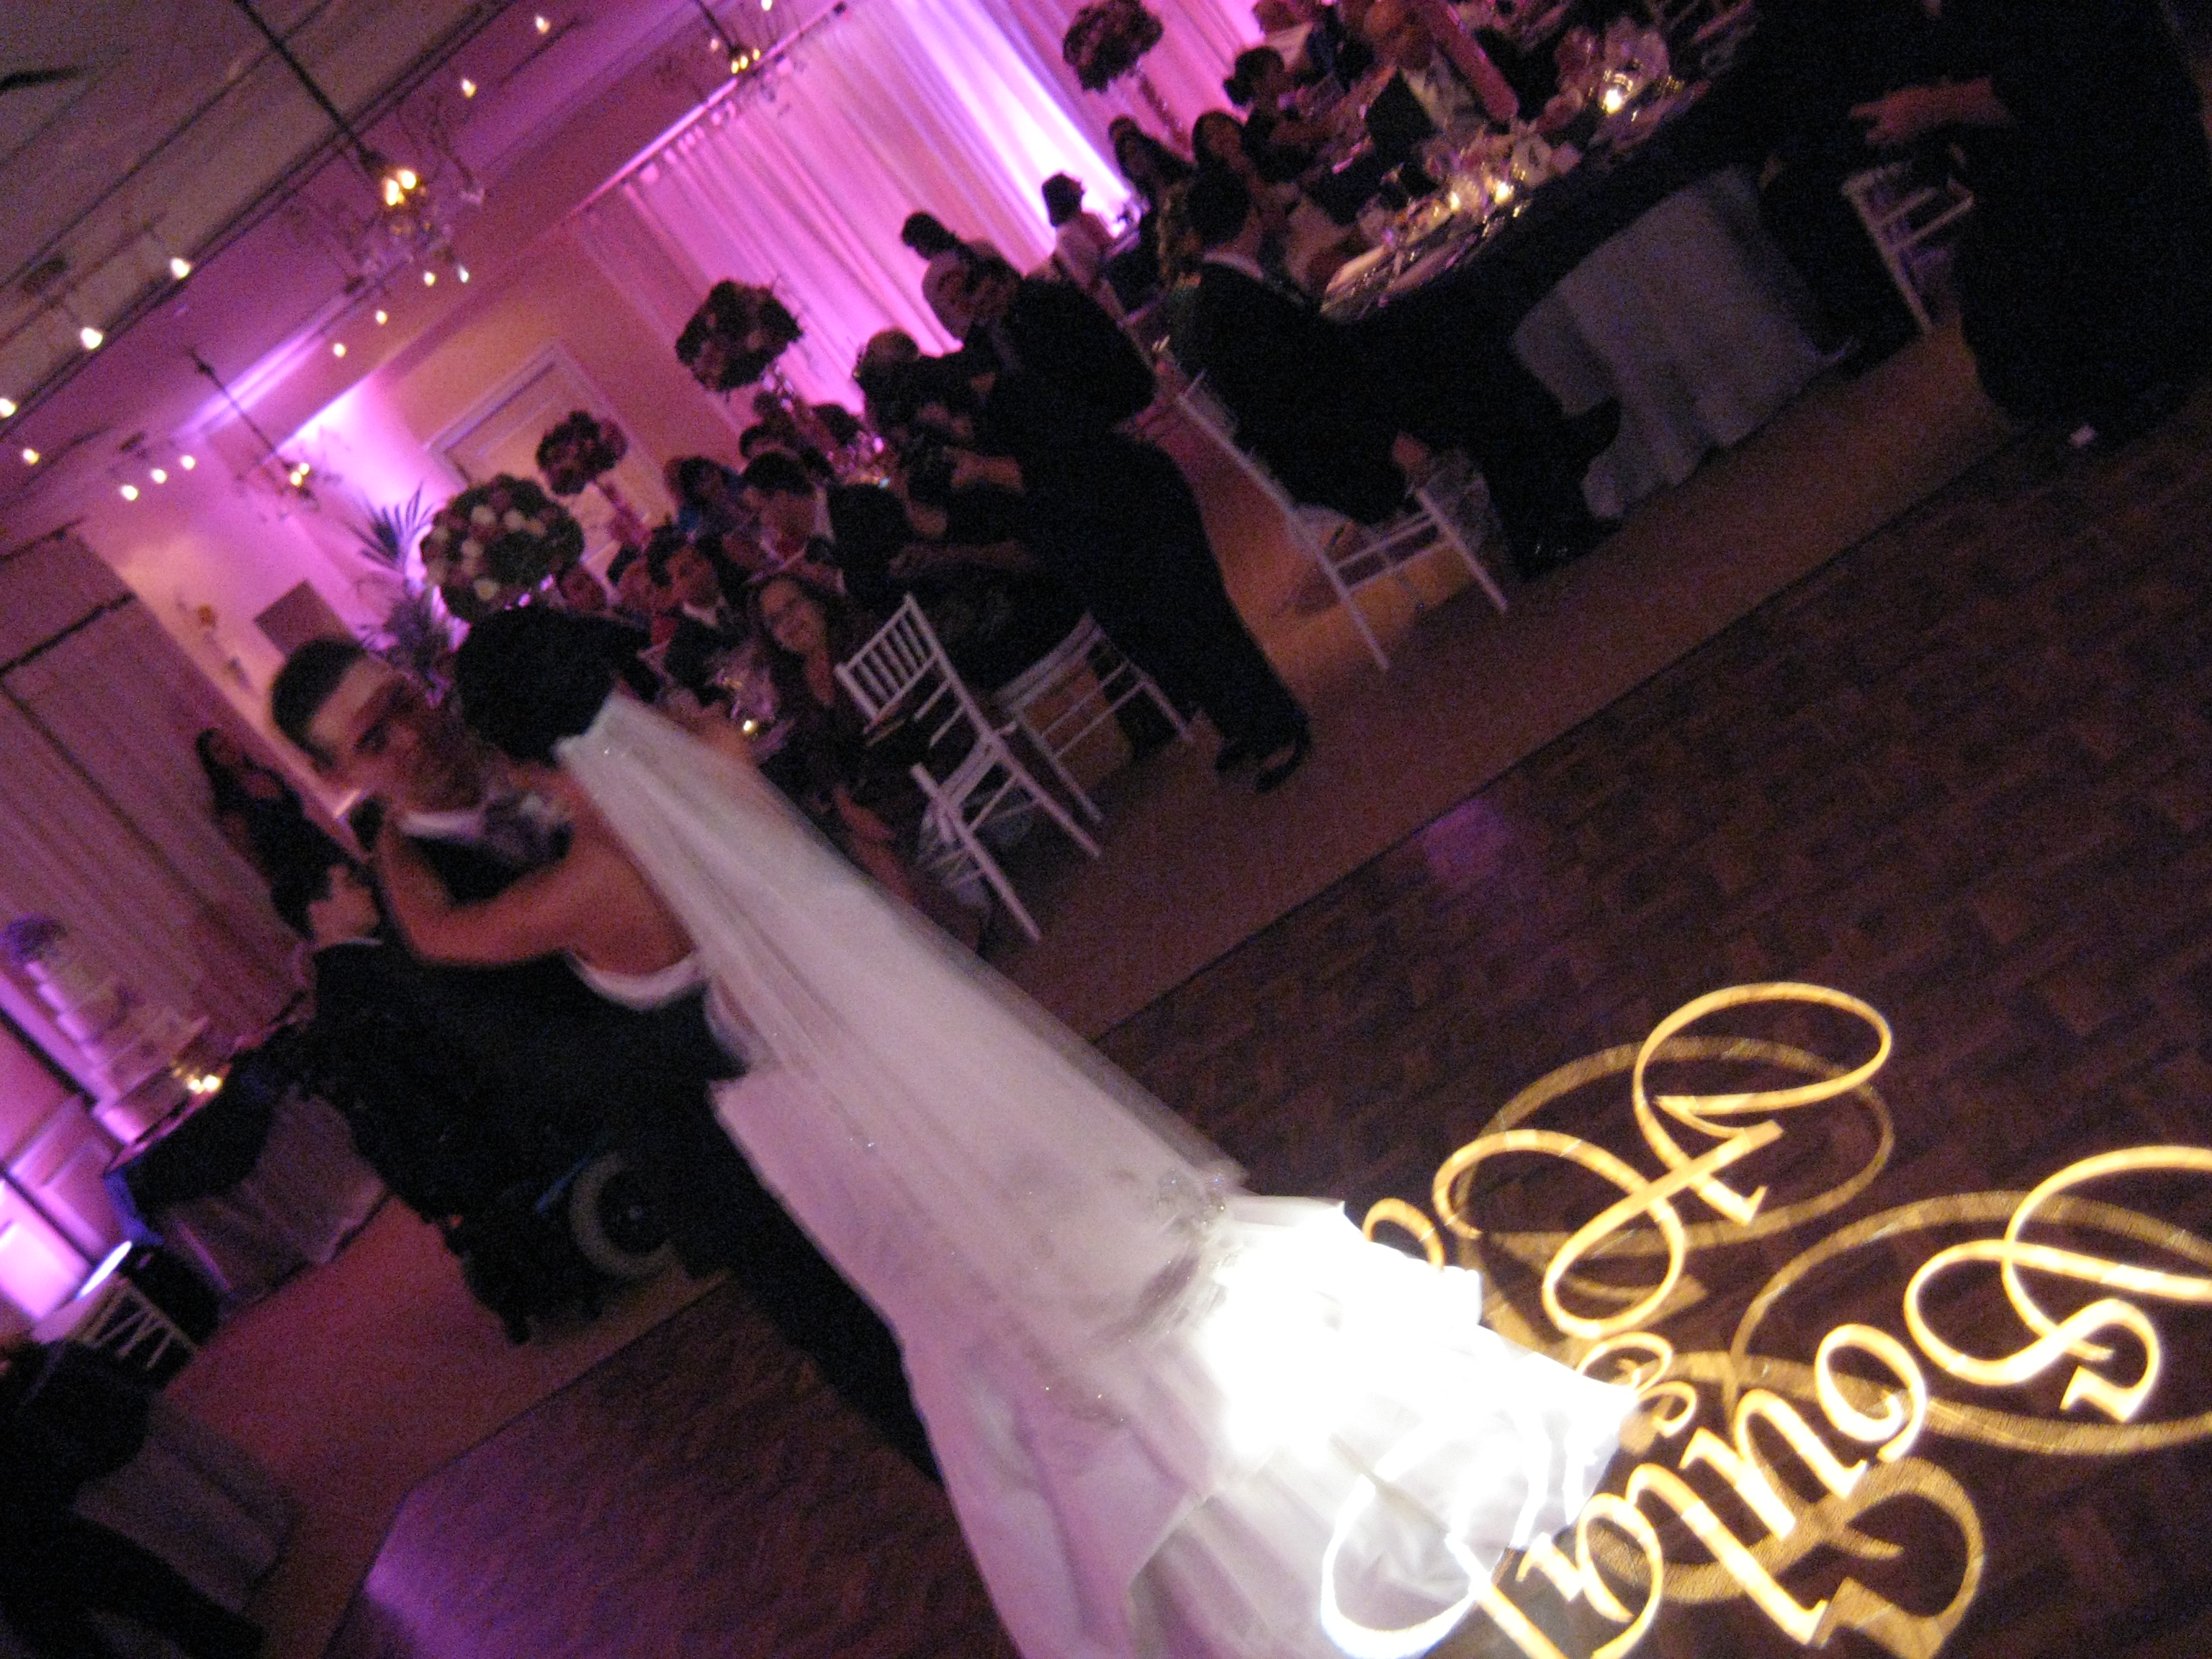 Wedding Reception Event Lighting And Up Lighting Uplighting Ideas Rob Alberti S Event